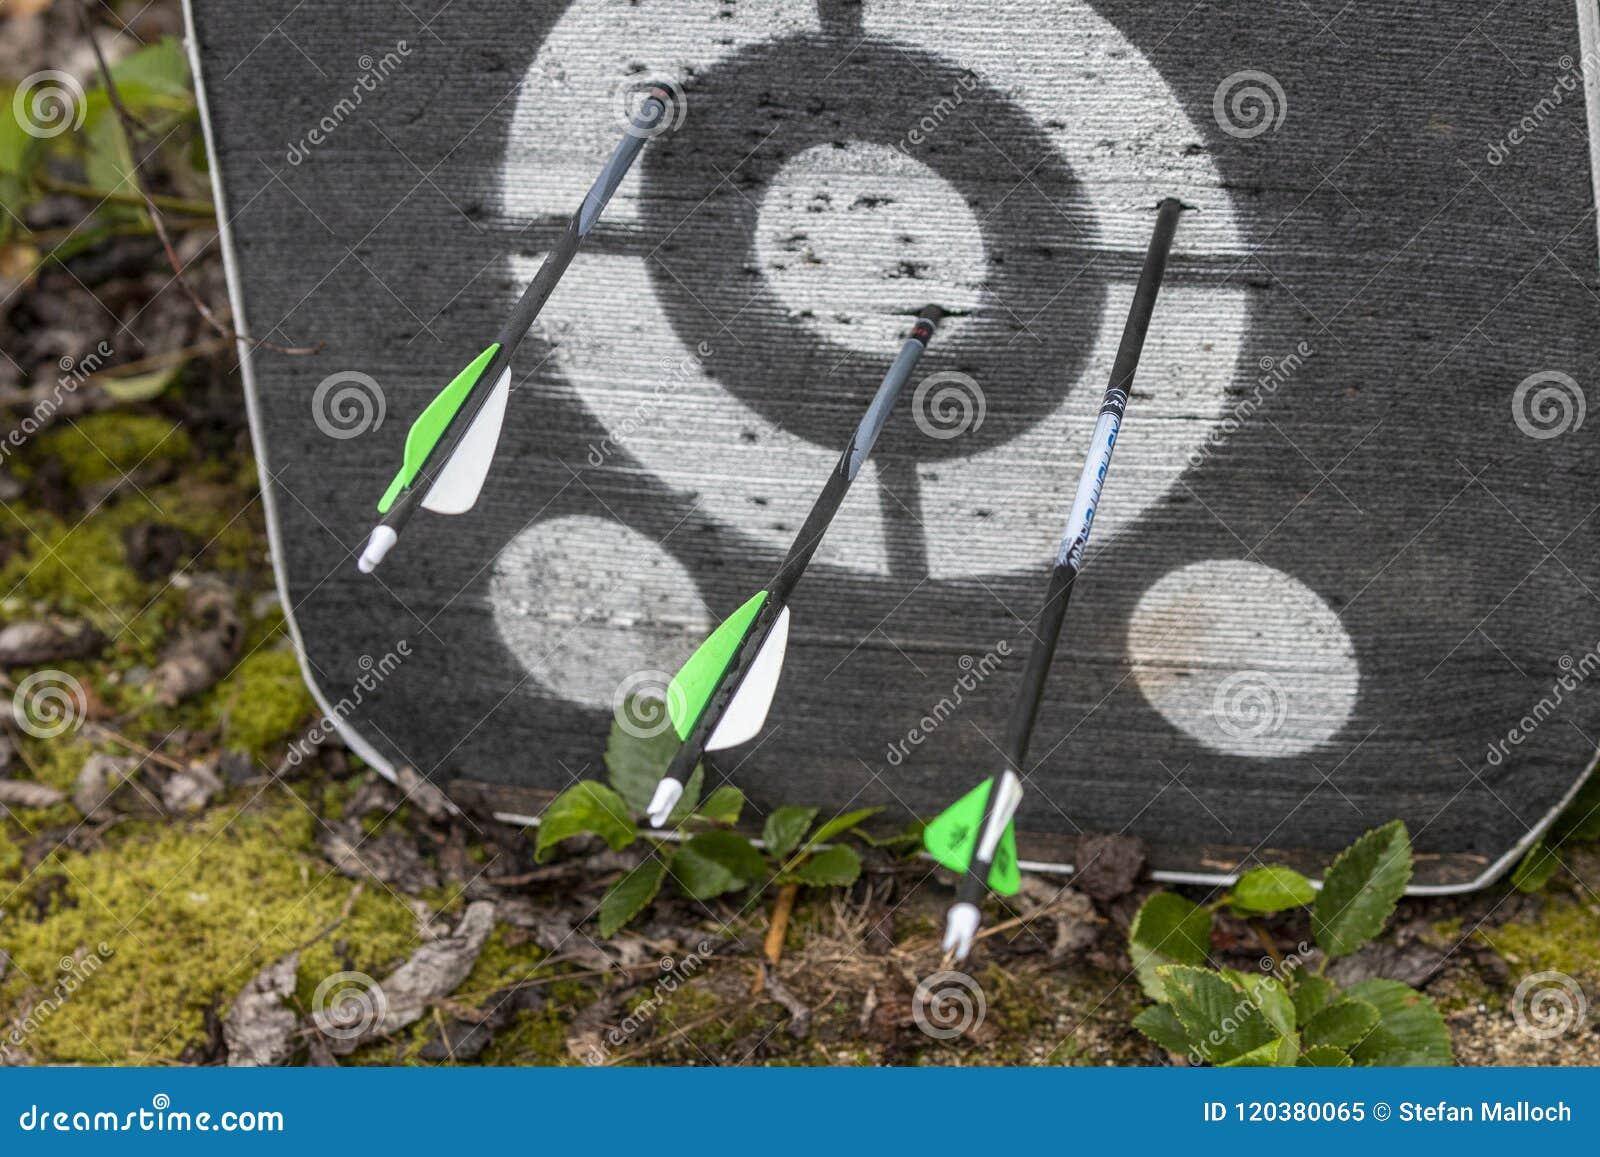 Um alvo do tiro ao arco com as setas nele